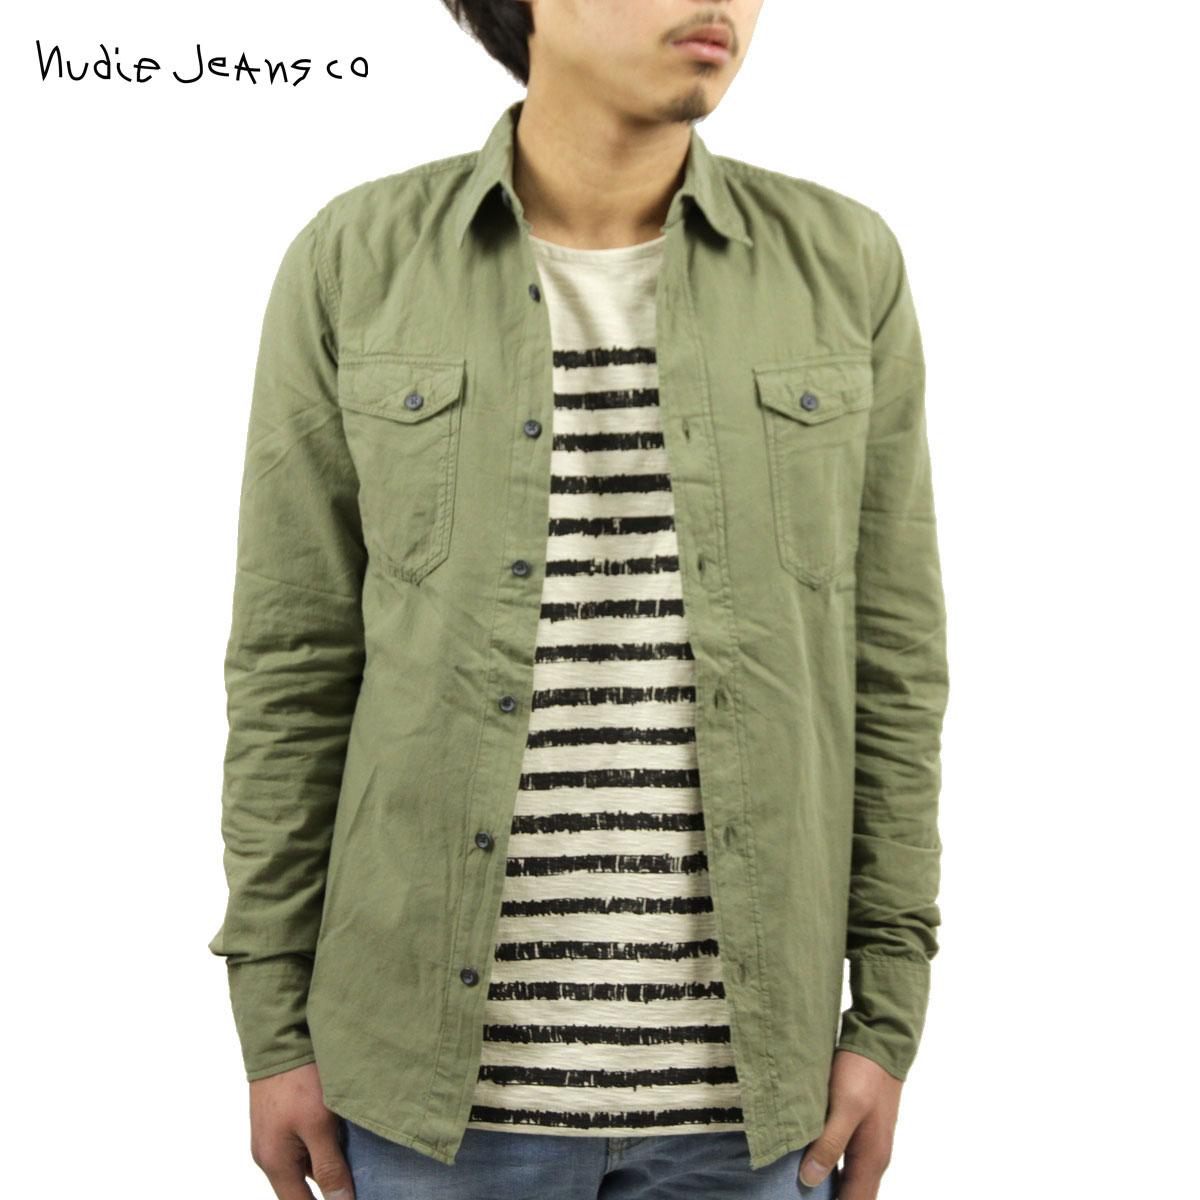 ヌーディージーンズ シャツ メンズ 正規販売店 Nudie Jeans 長袖シャツ Gunnar Olive 140405